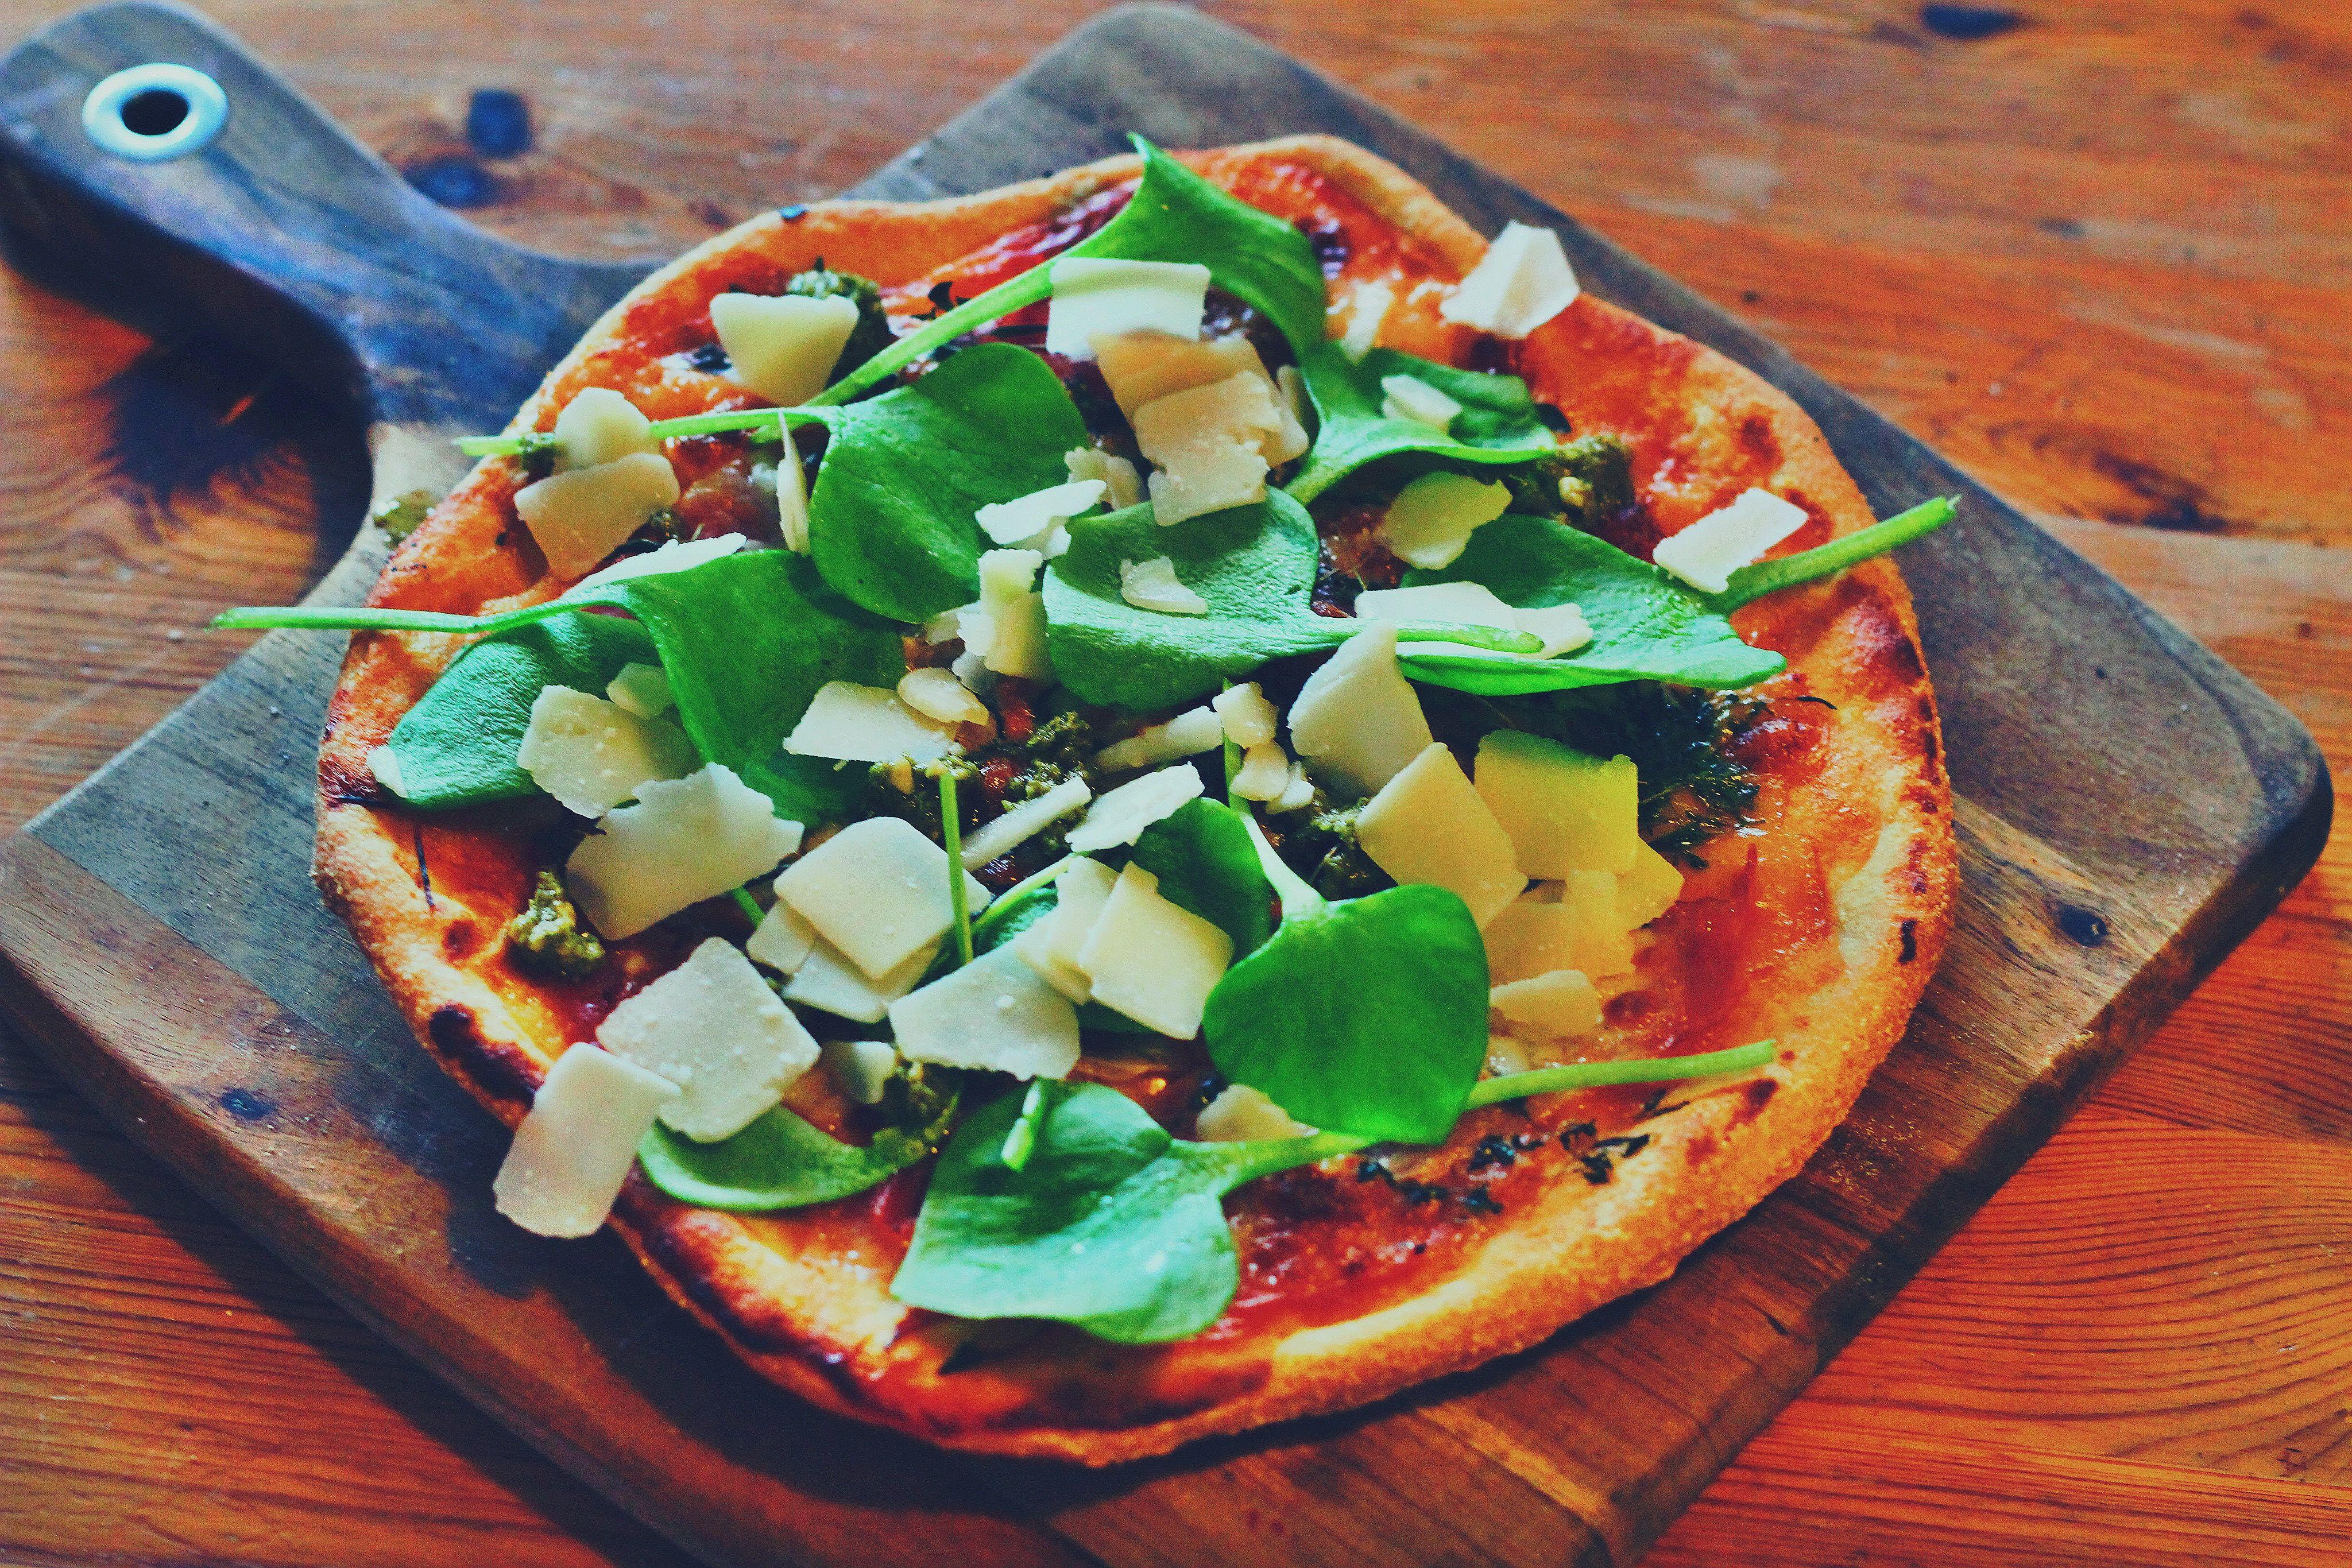 Nordisk pizza. Smagfuld gourmetudgave af den tyndslidte salatpizza. Kan man overhovedet lavet en salatpizza uden hvidløgsdressing!?